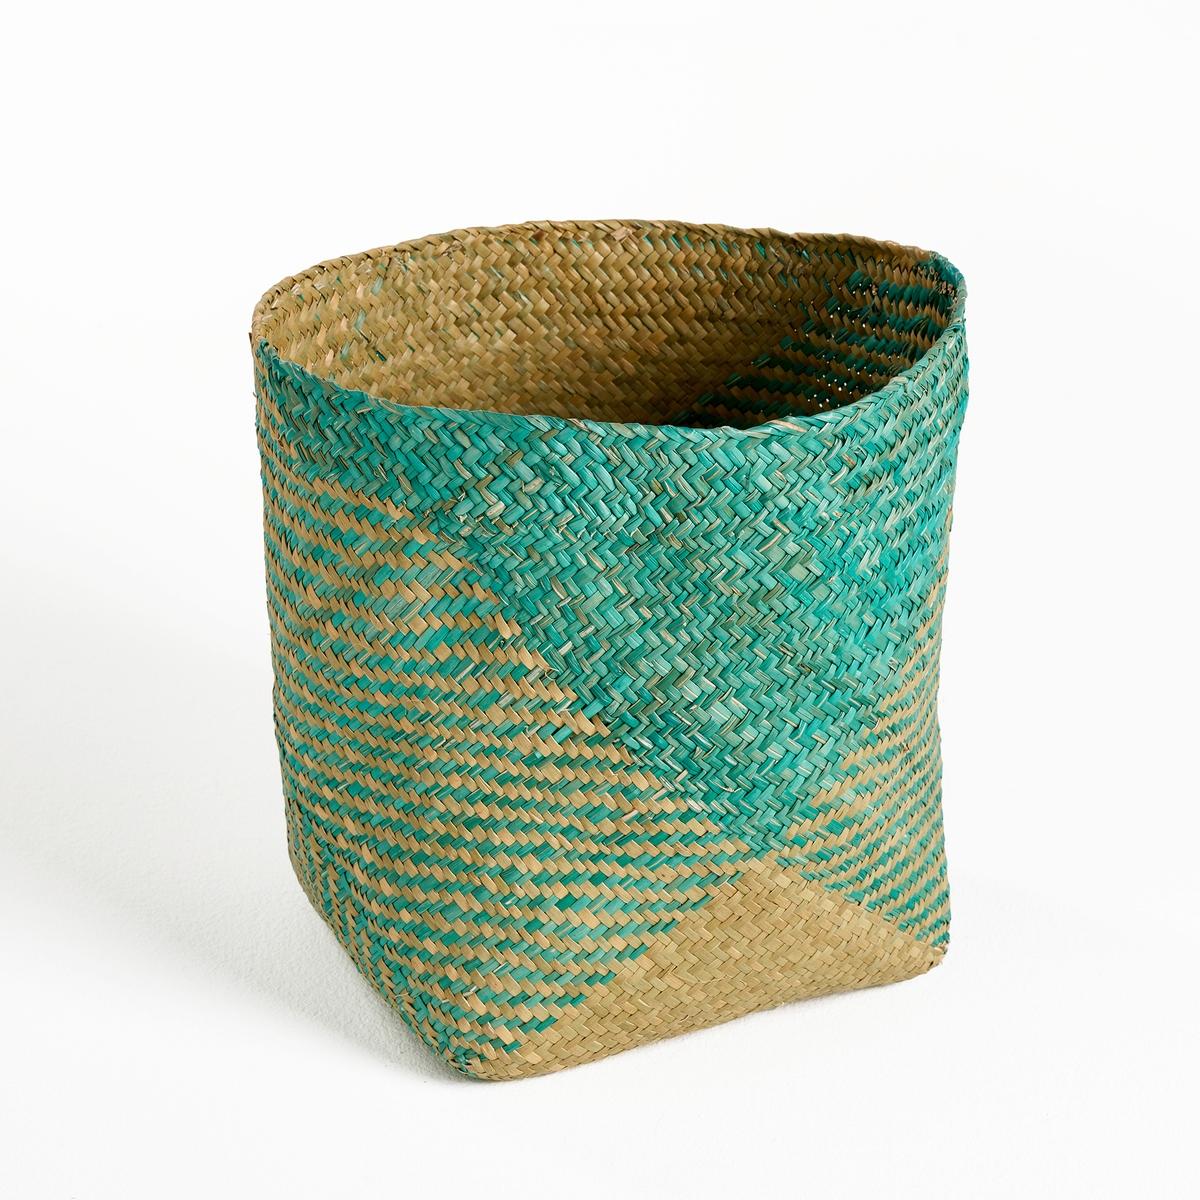 Корзина плетеная HABBUОписание:Корзина с гармоничным плетением подойдит для различных целей .Описание корзины Habbu :Небольшая корзина в форме ведра из гербария, плетеная .Геометрический рисунок.Откройте для себя всю коллекцию декора на сайте laredoute.ruРазмеры корзины Habbu : 24 x 24 см Высота 26 см<br><br>Цвет: зеленый/серо-бежевый,розовый/серо-бежевый